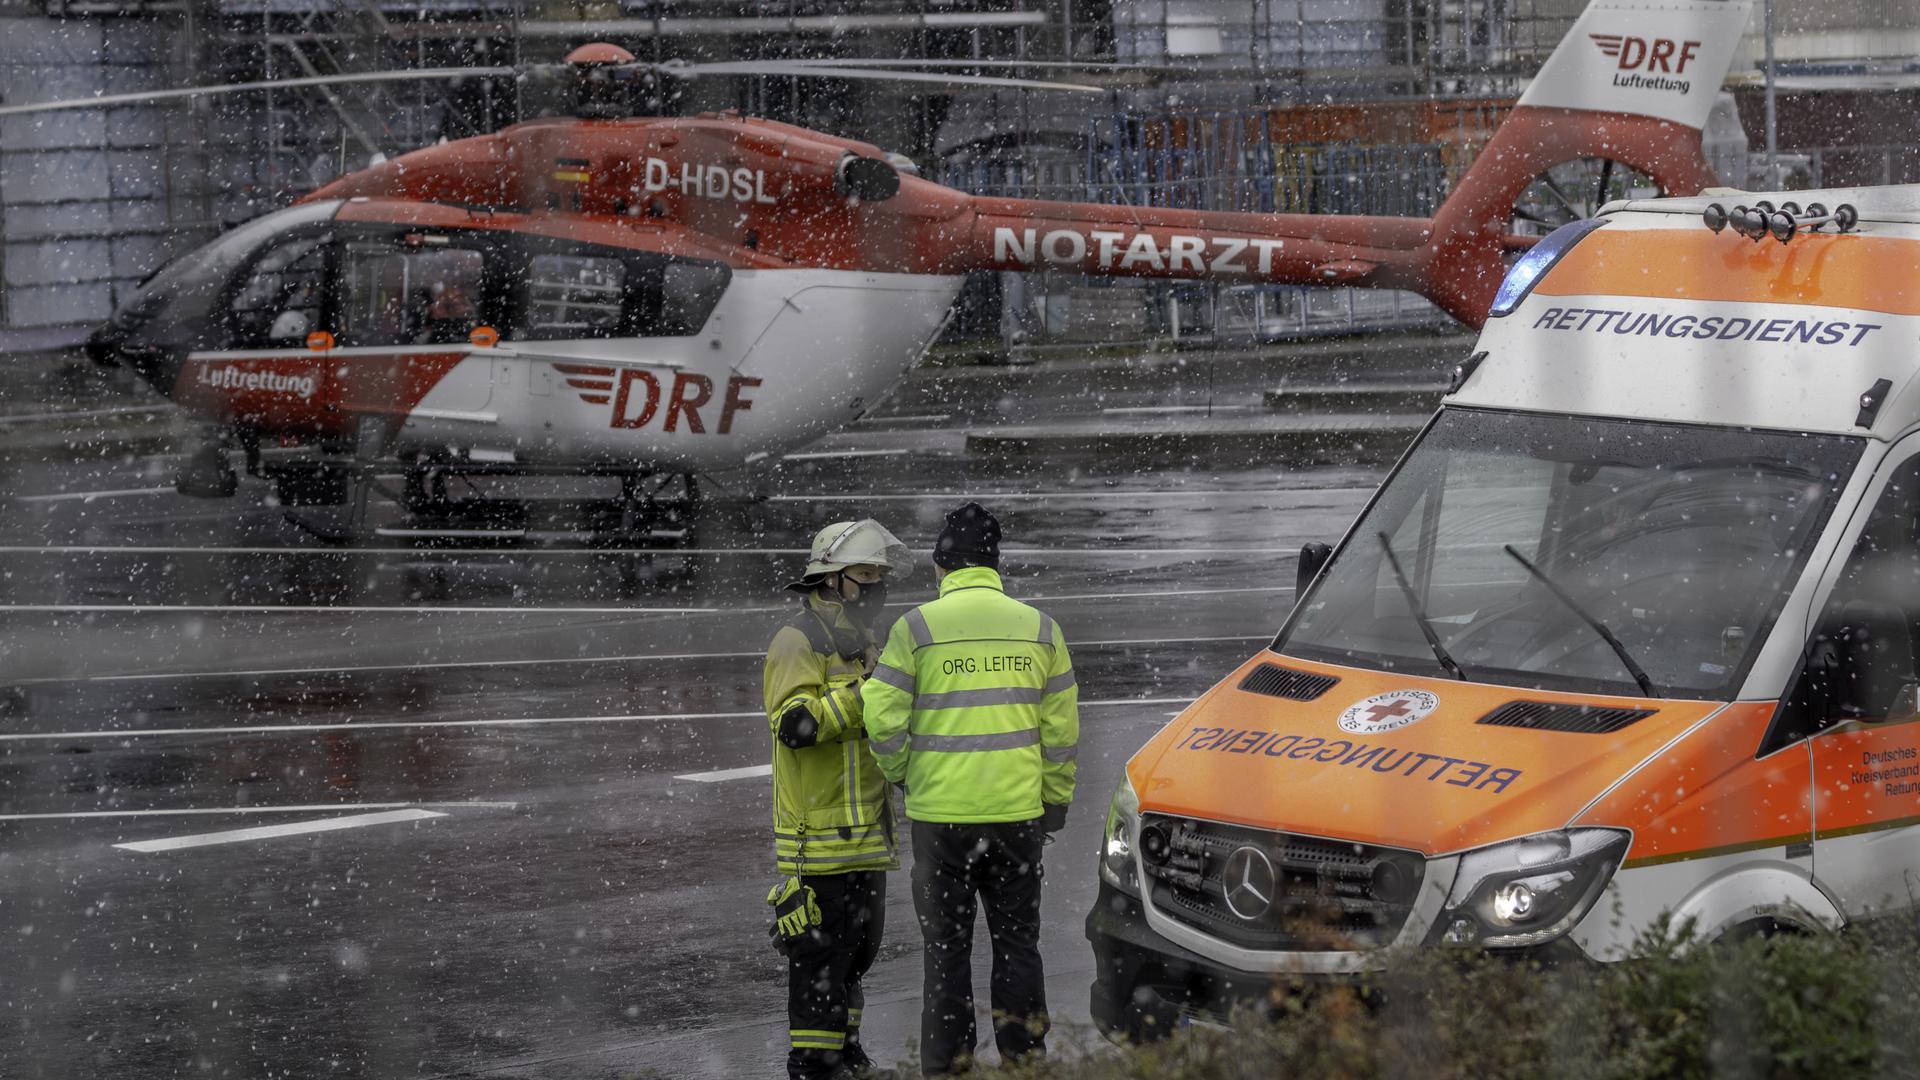 Ein Rettungshubschrauber und ein Rettungsfahrzeug stehen auf einem Werksgelände